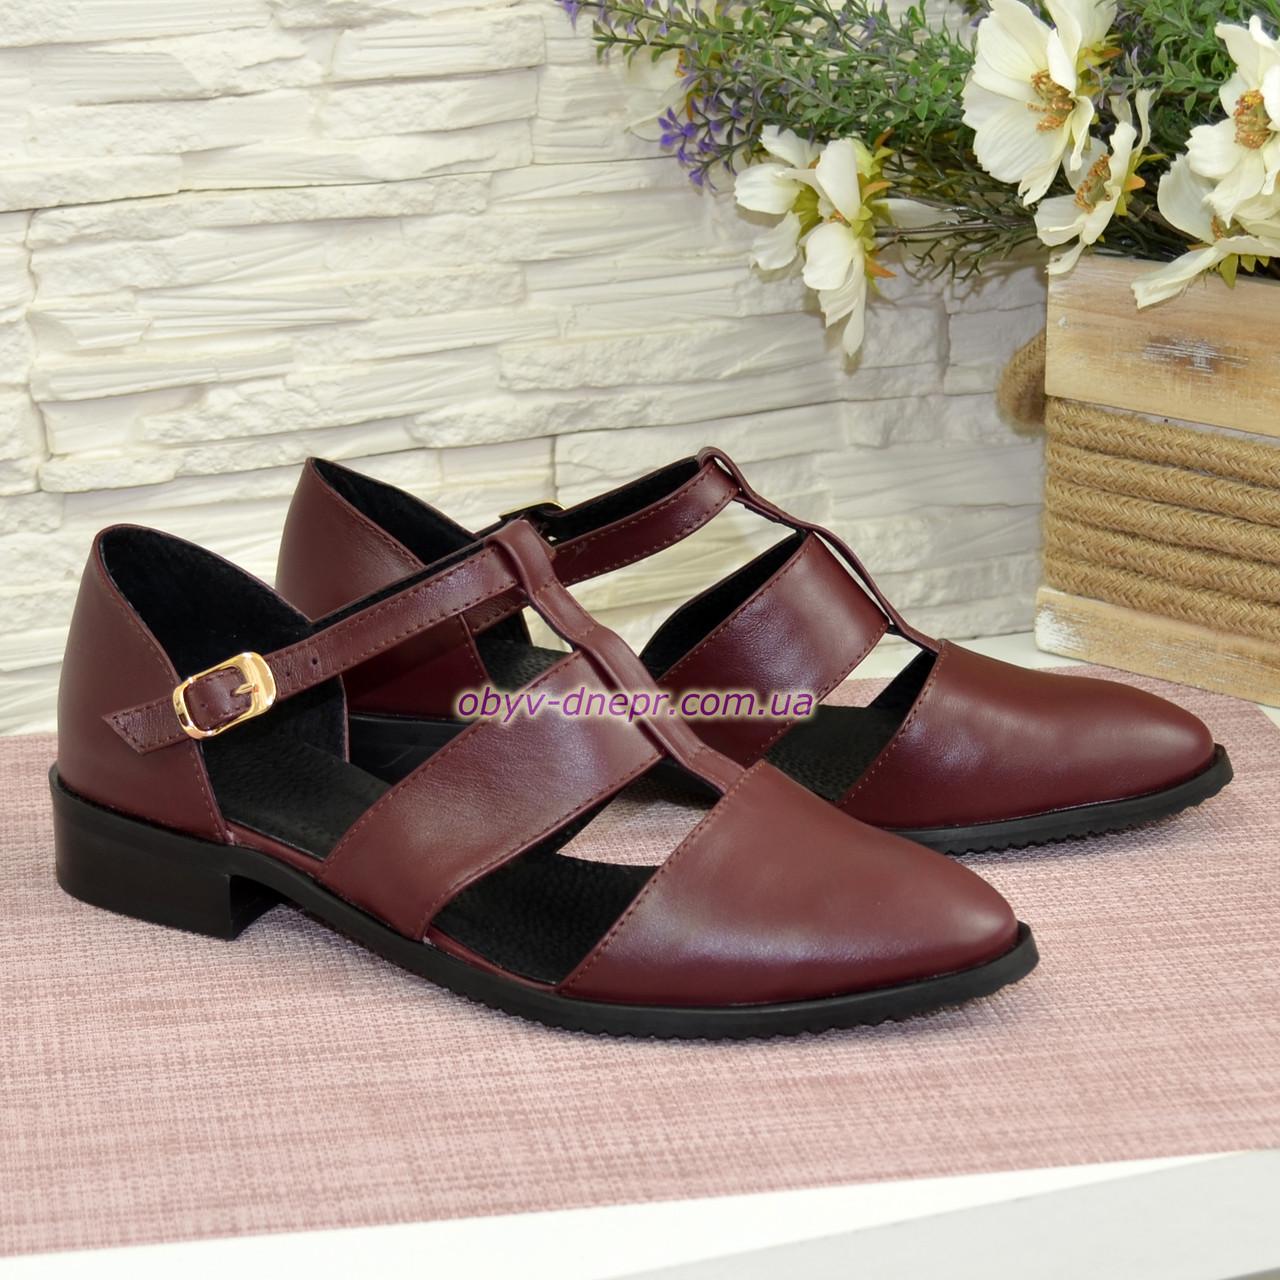 Туфли женские стильные на низком ходу, натуральная бордовая кожа.